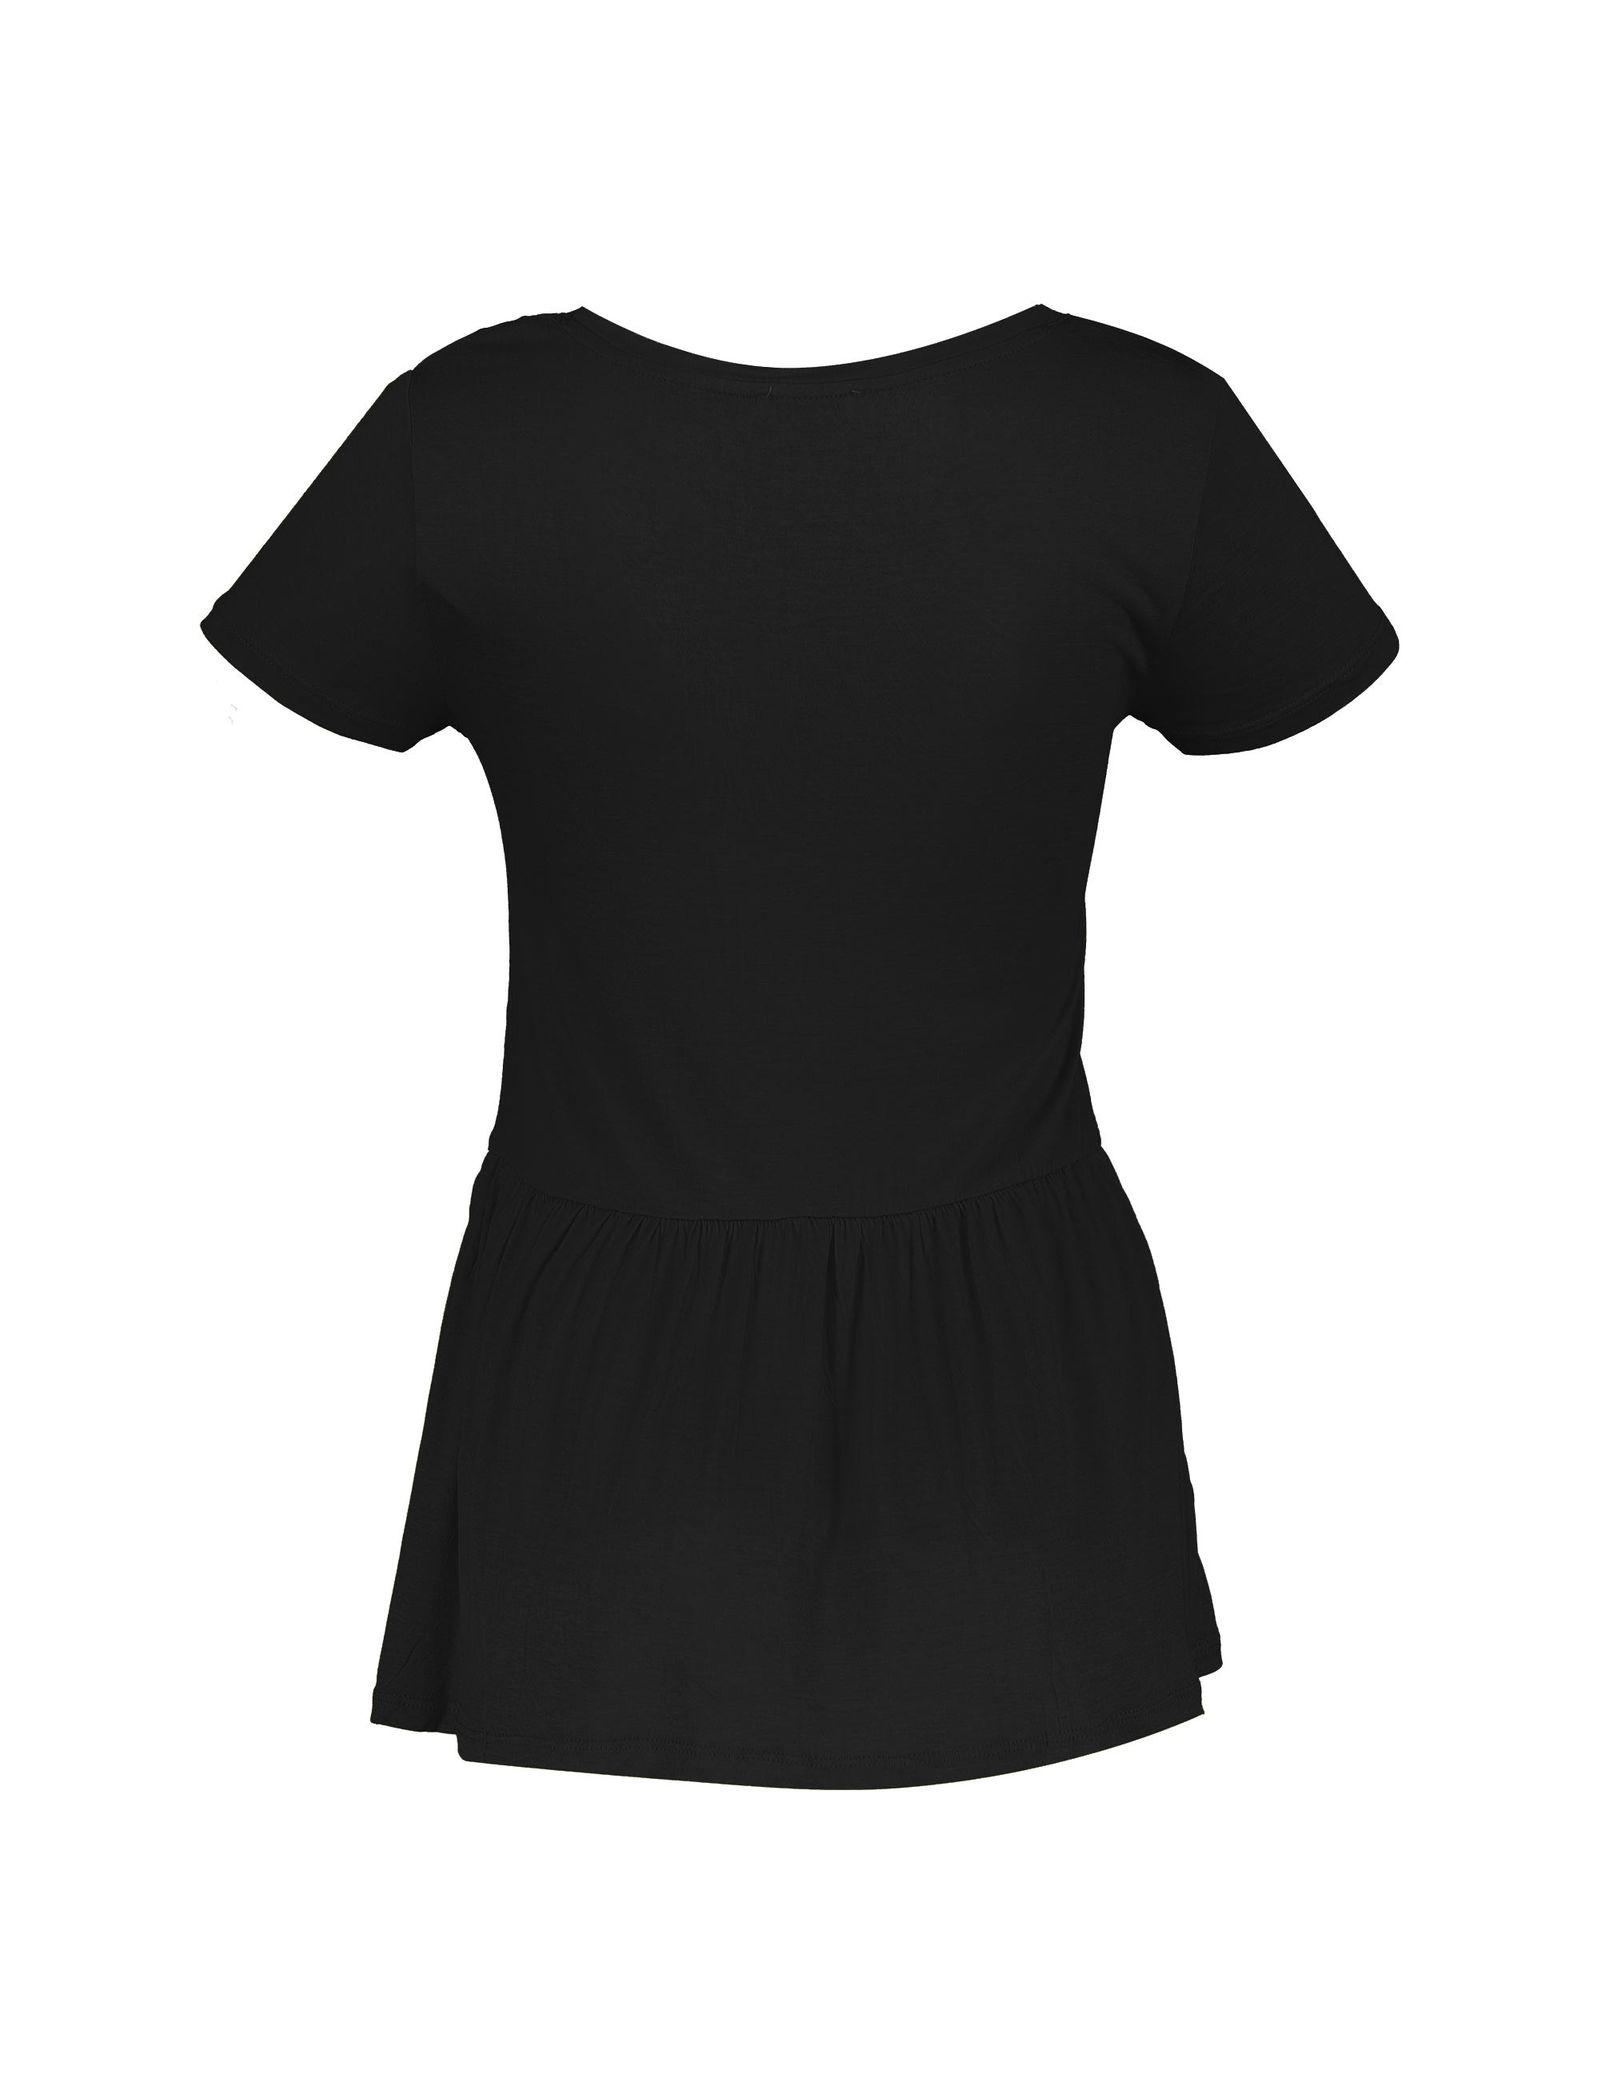 تی شرت ویسکوز یقه گرد زنانه - یوپیم - مشکي  - 2